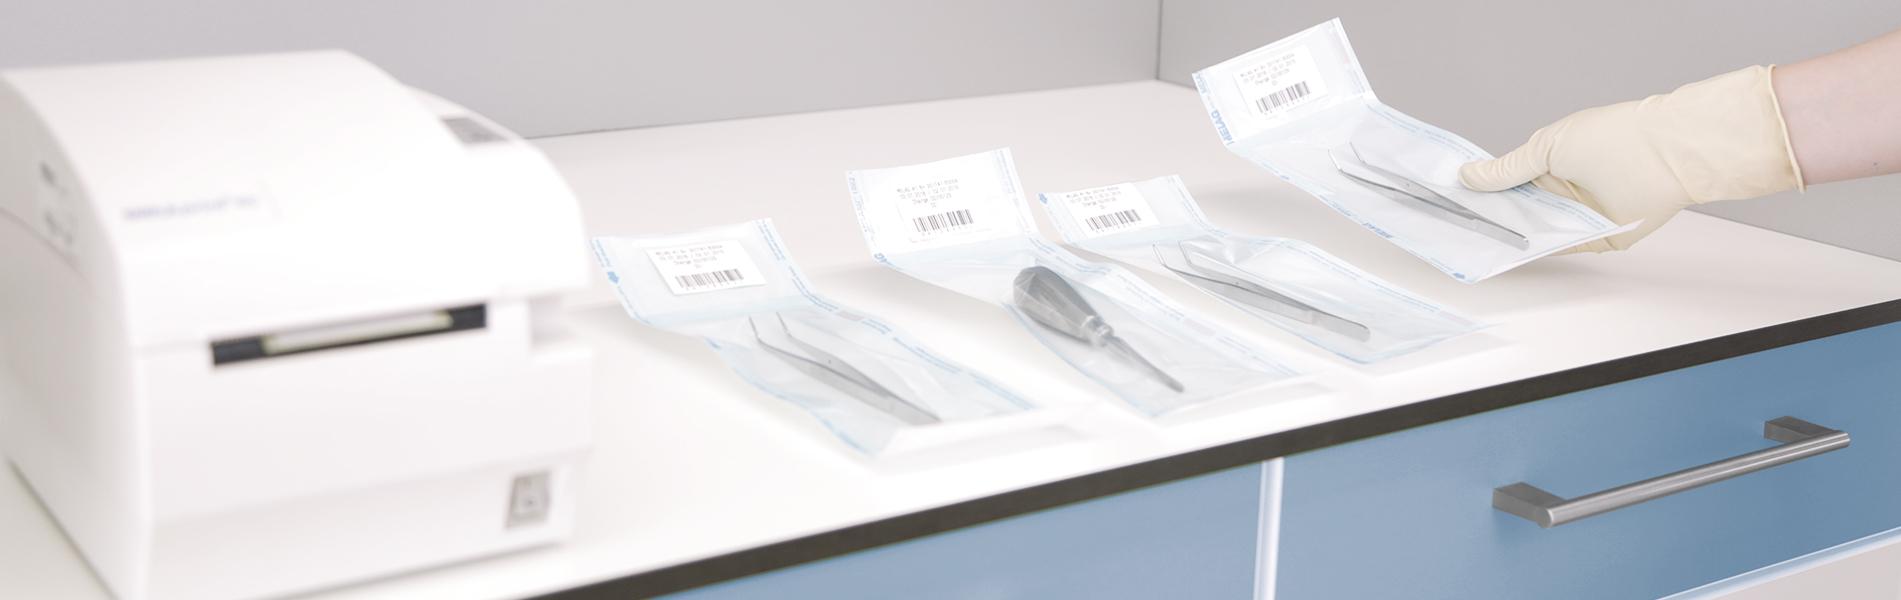 Verpackte Instrumente auf Arbeitsfläche im Aufbereitungsraum